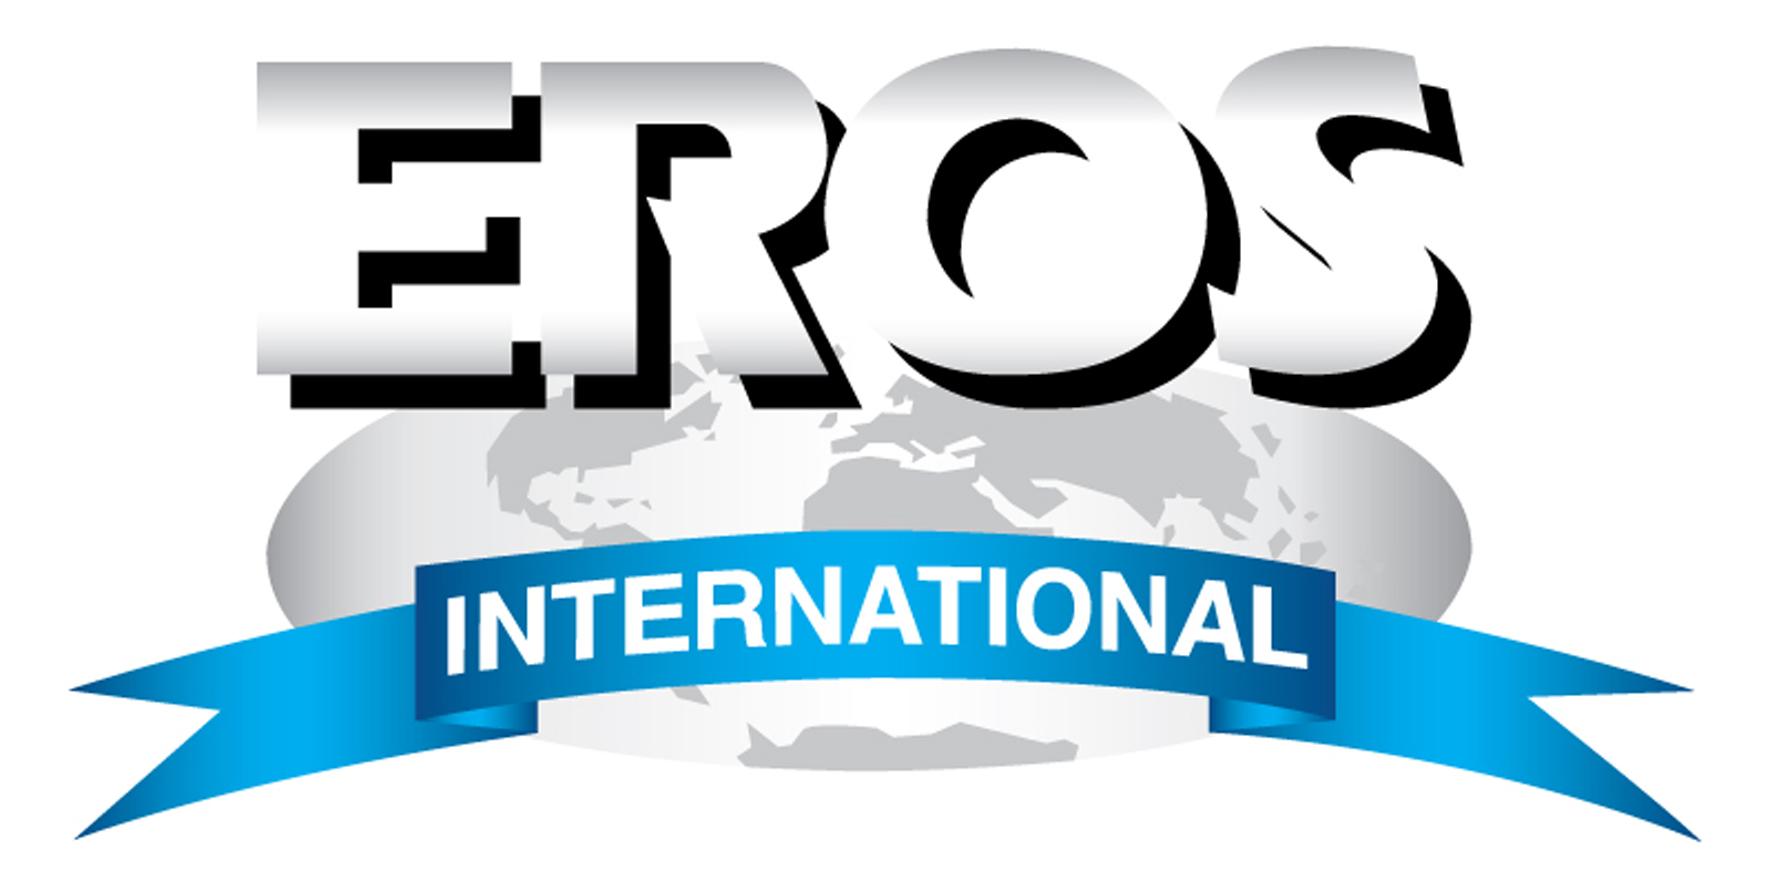 Eros Logo photo - 1